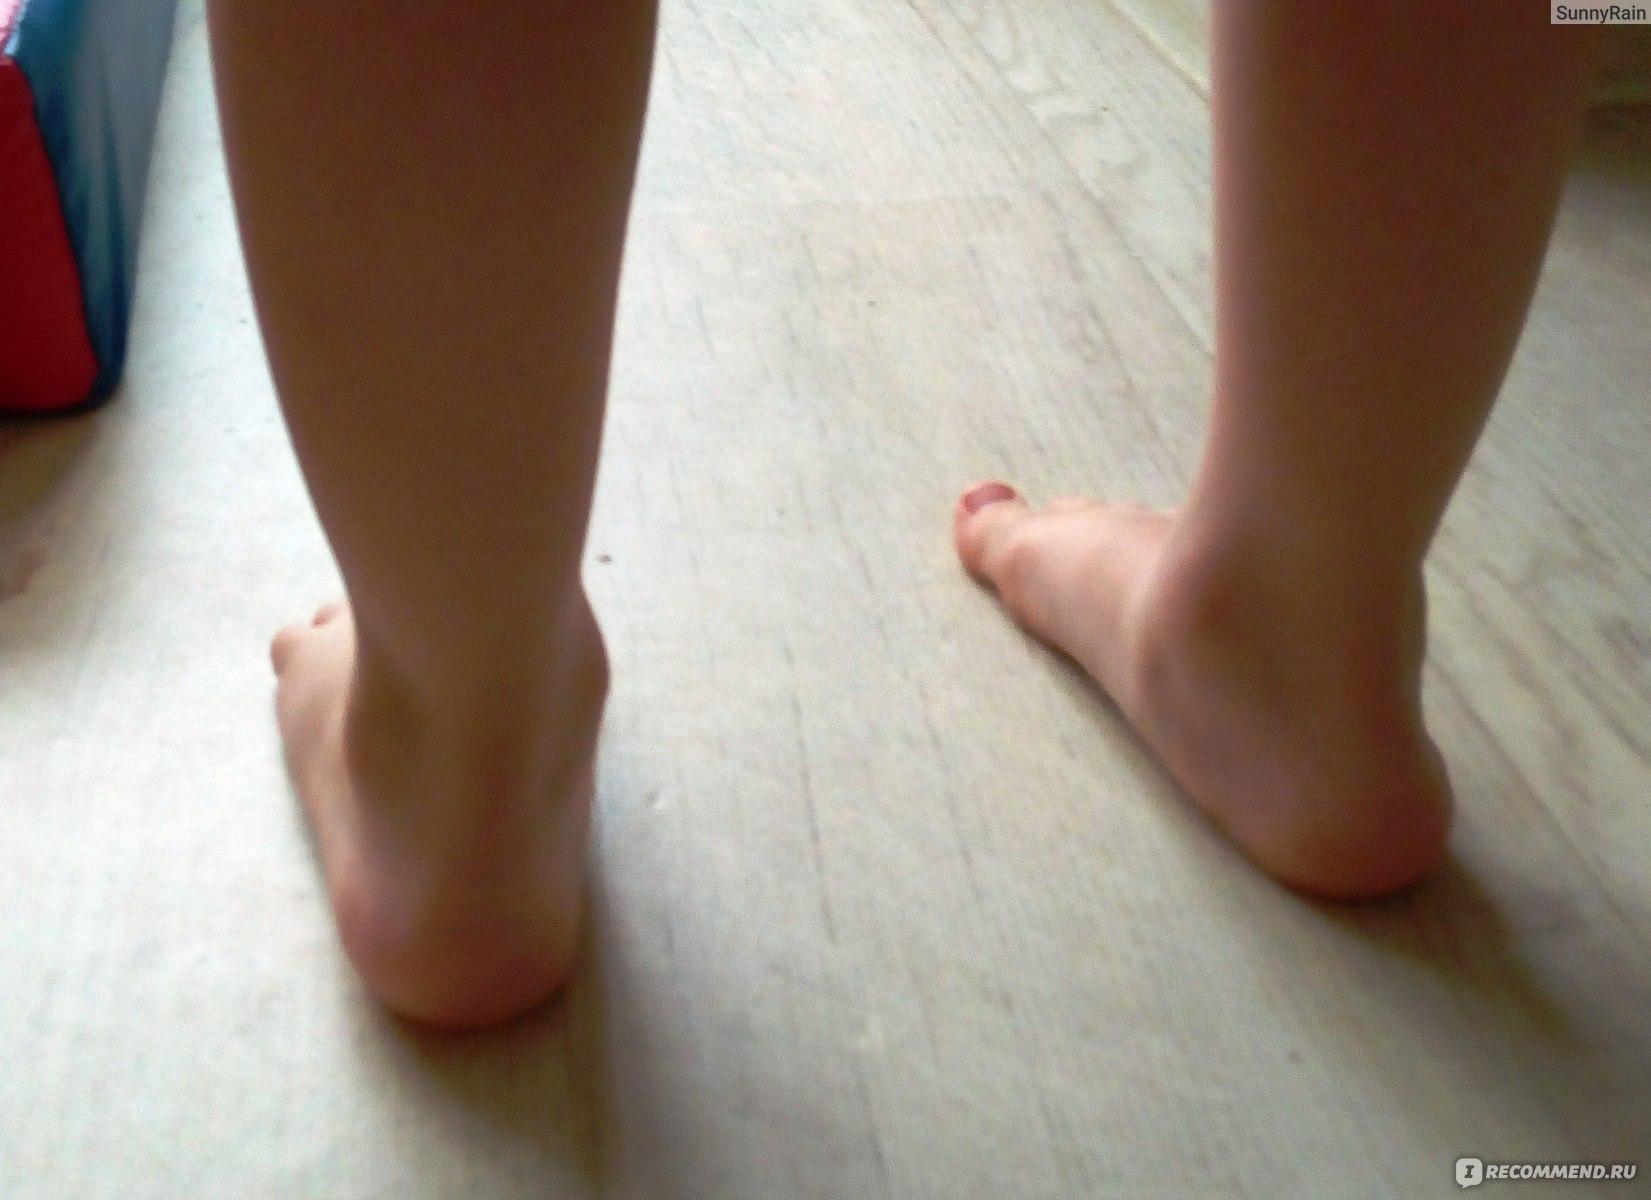 Вальгусная деформация стоп у детей фото